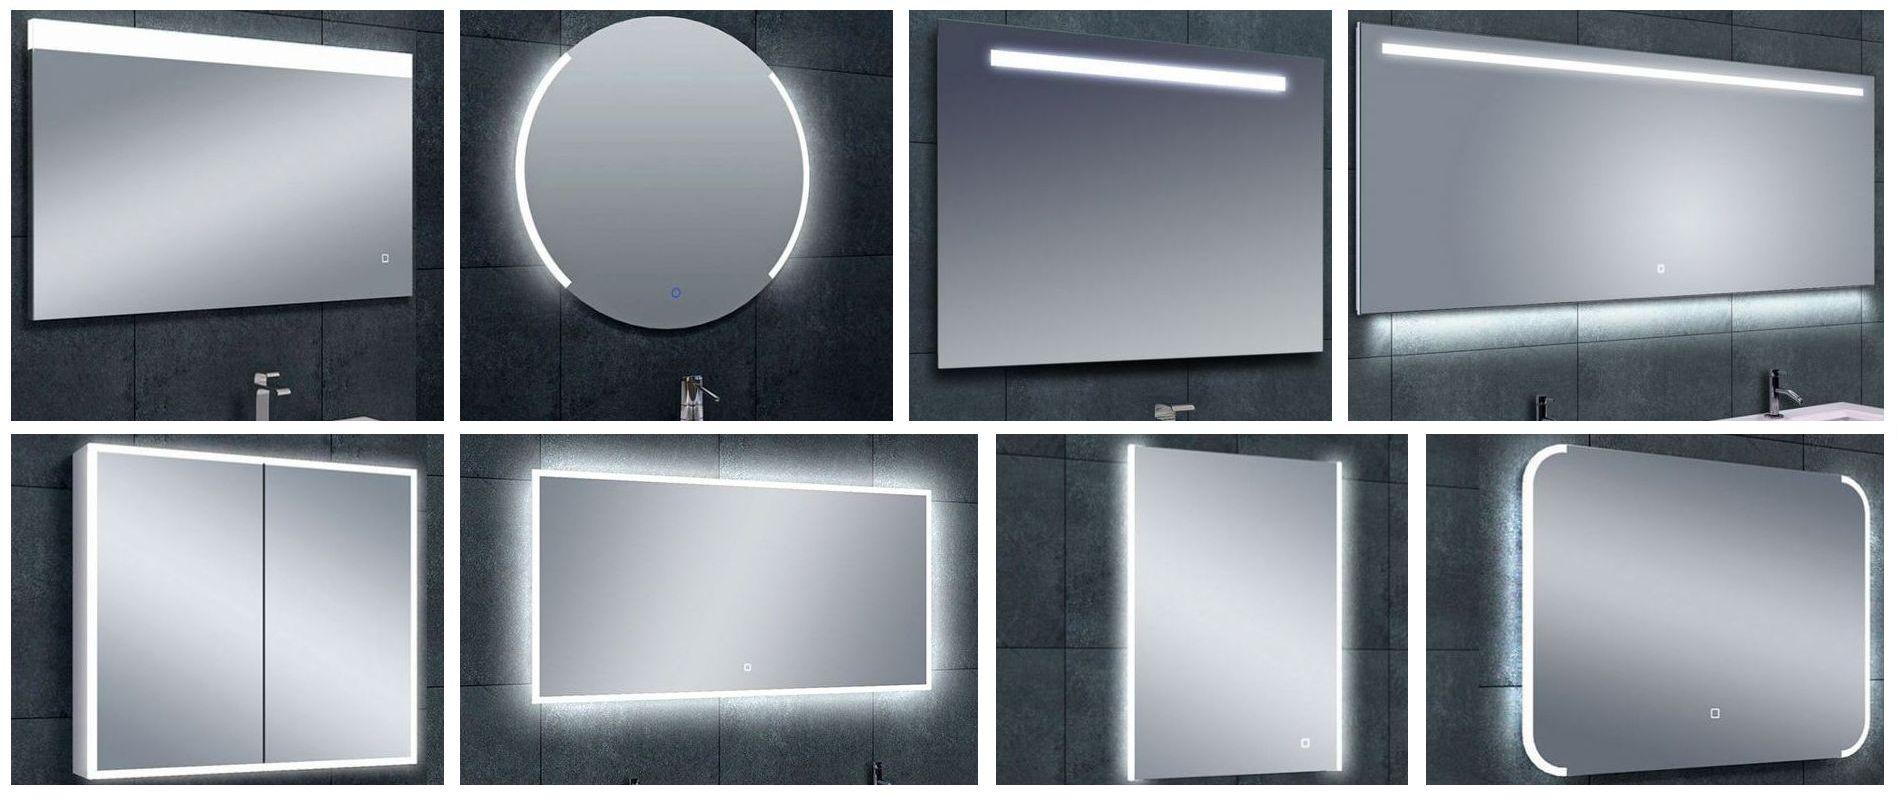 Badezimmerspiegel mit LED Licht von Wiesbaden